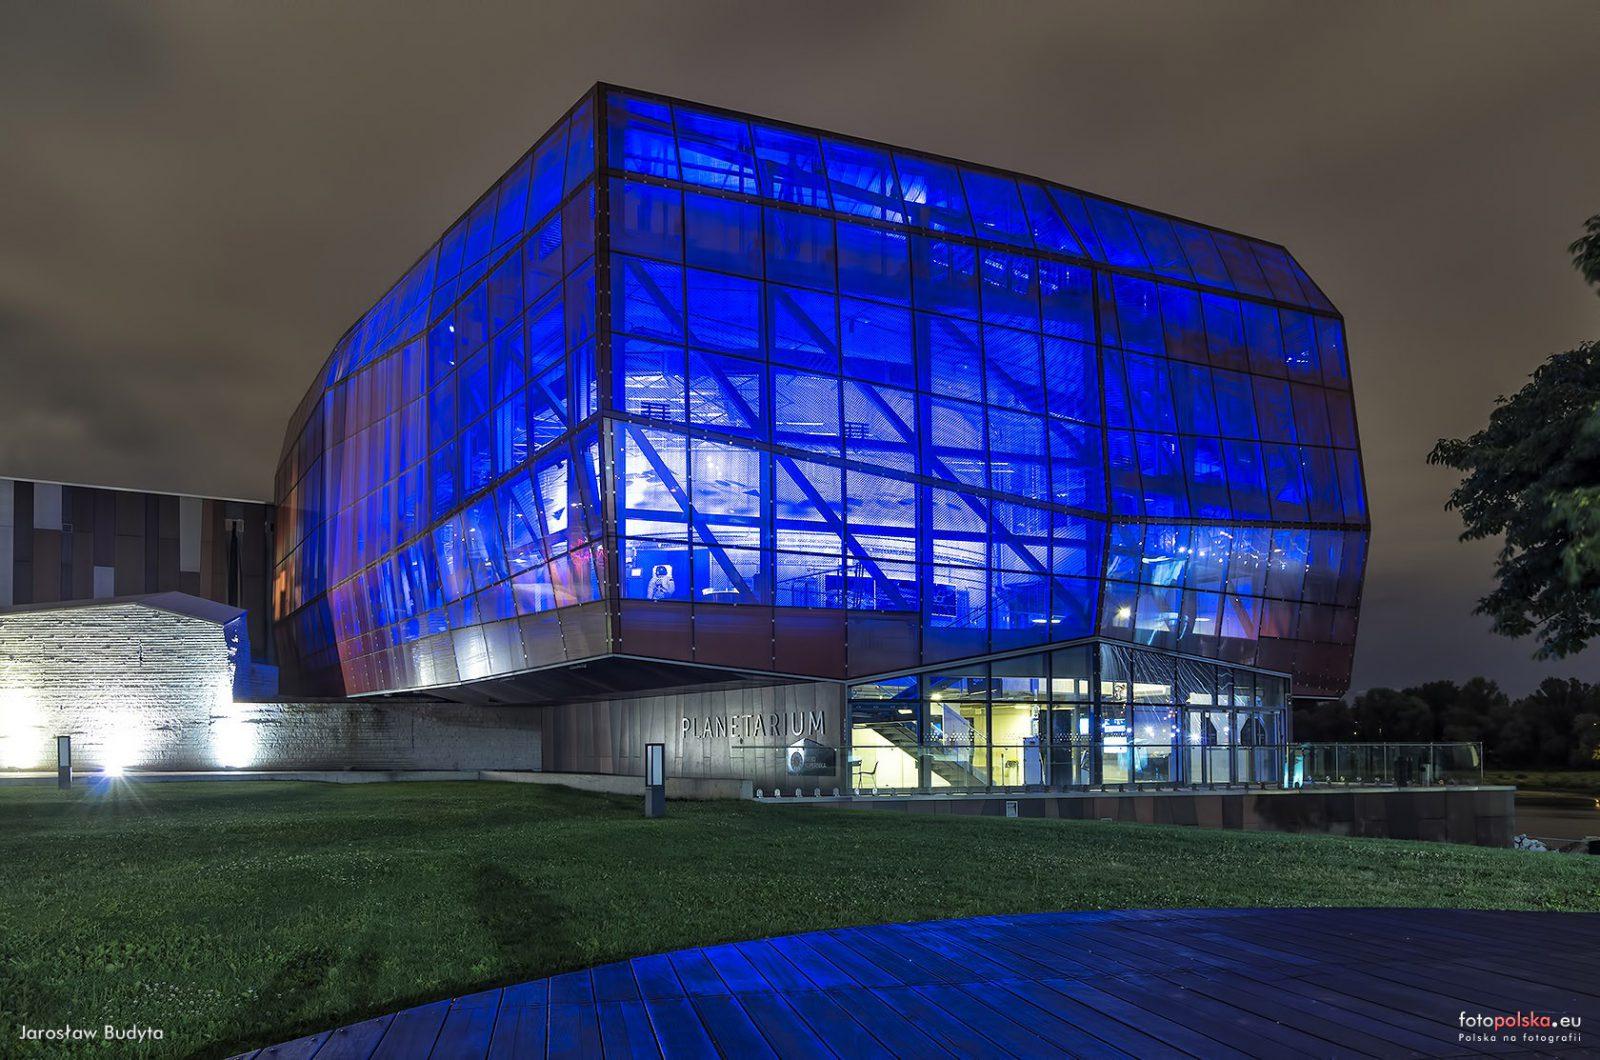 Centrum Nauki Kopernik Iluminacja Planetarium - Panorama